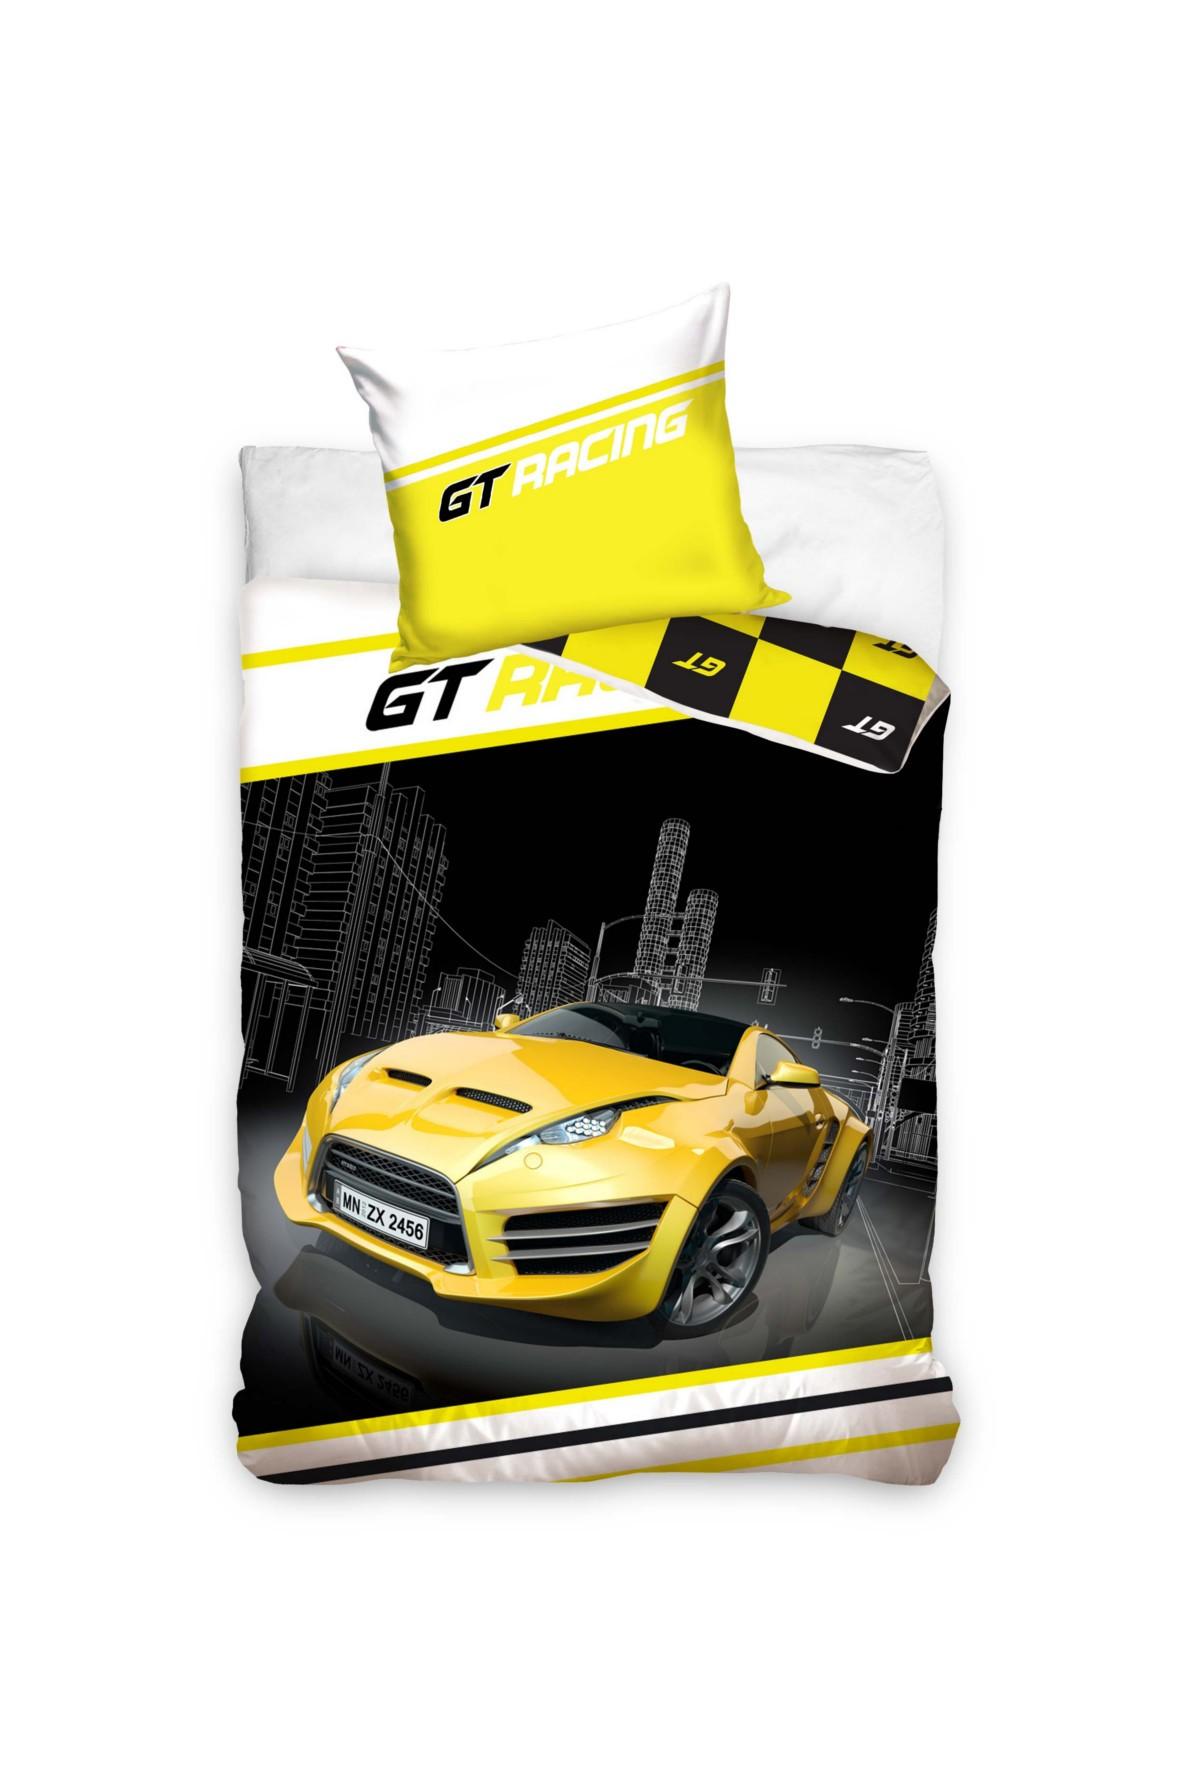 Pościel bawełna GT Racing 160x200+70x80 cm